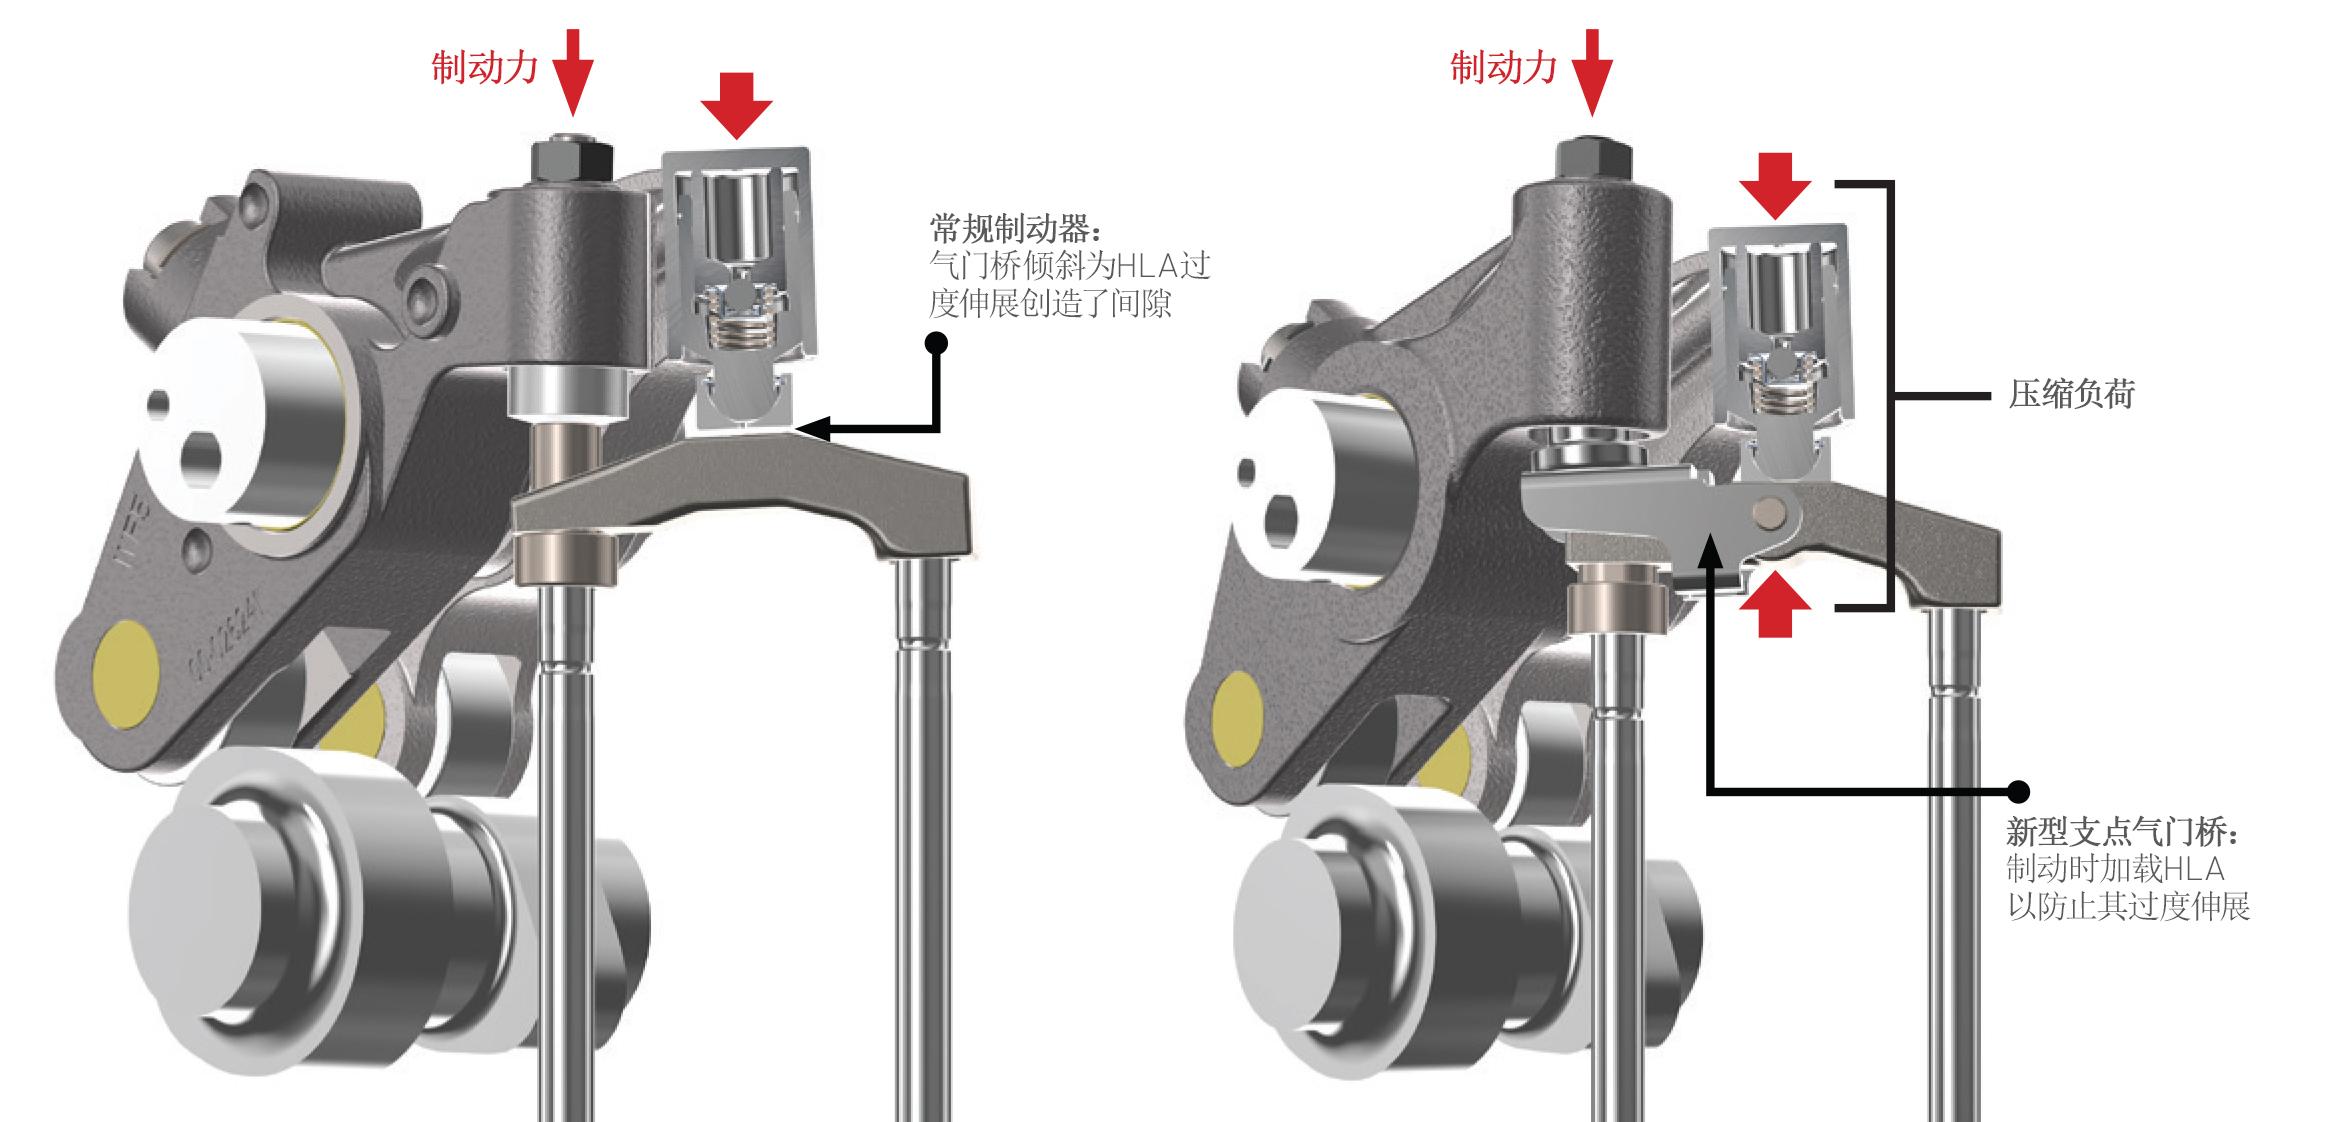 采用和未采用Fulcrum技术的发动机制动